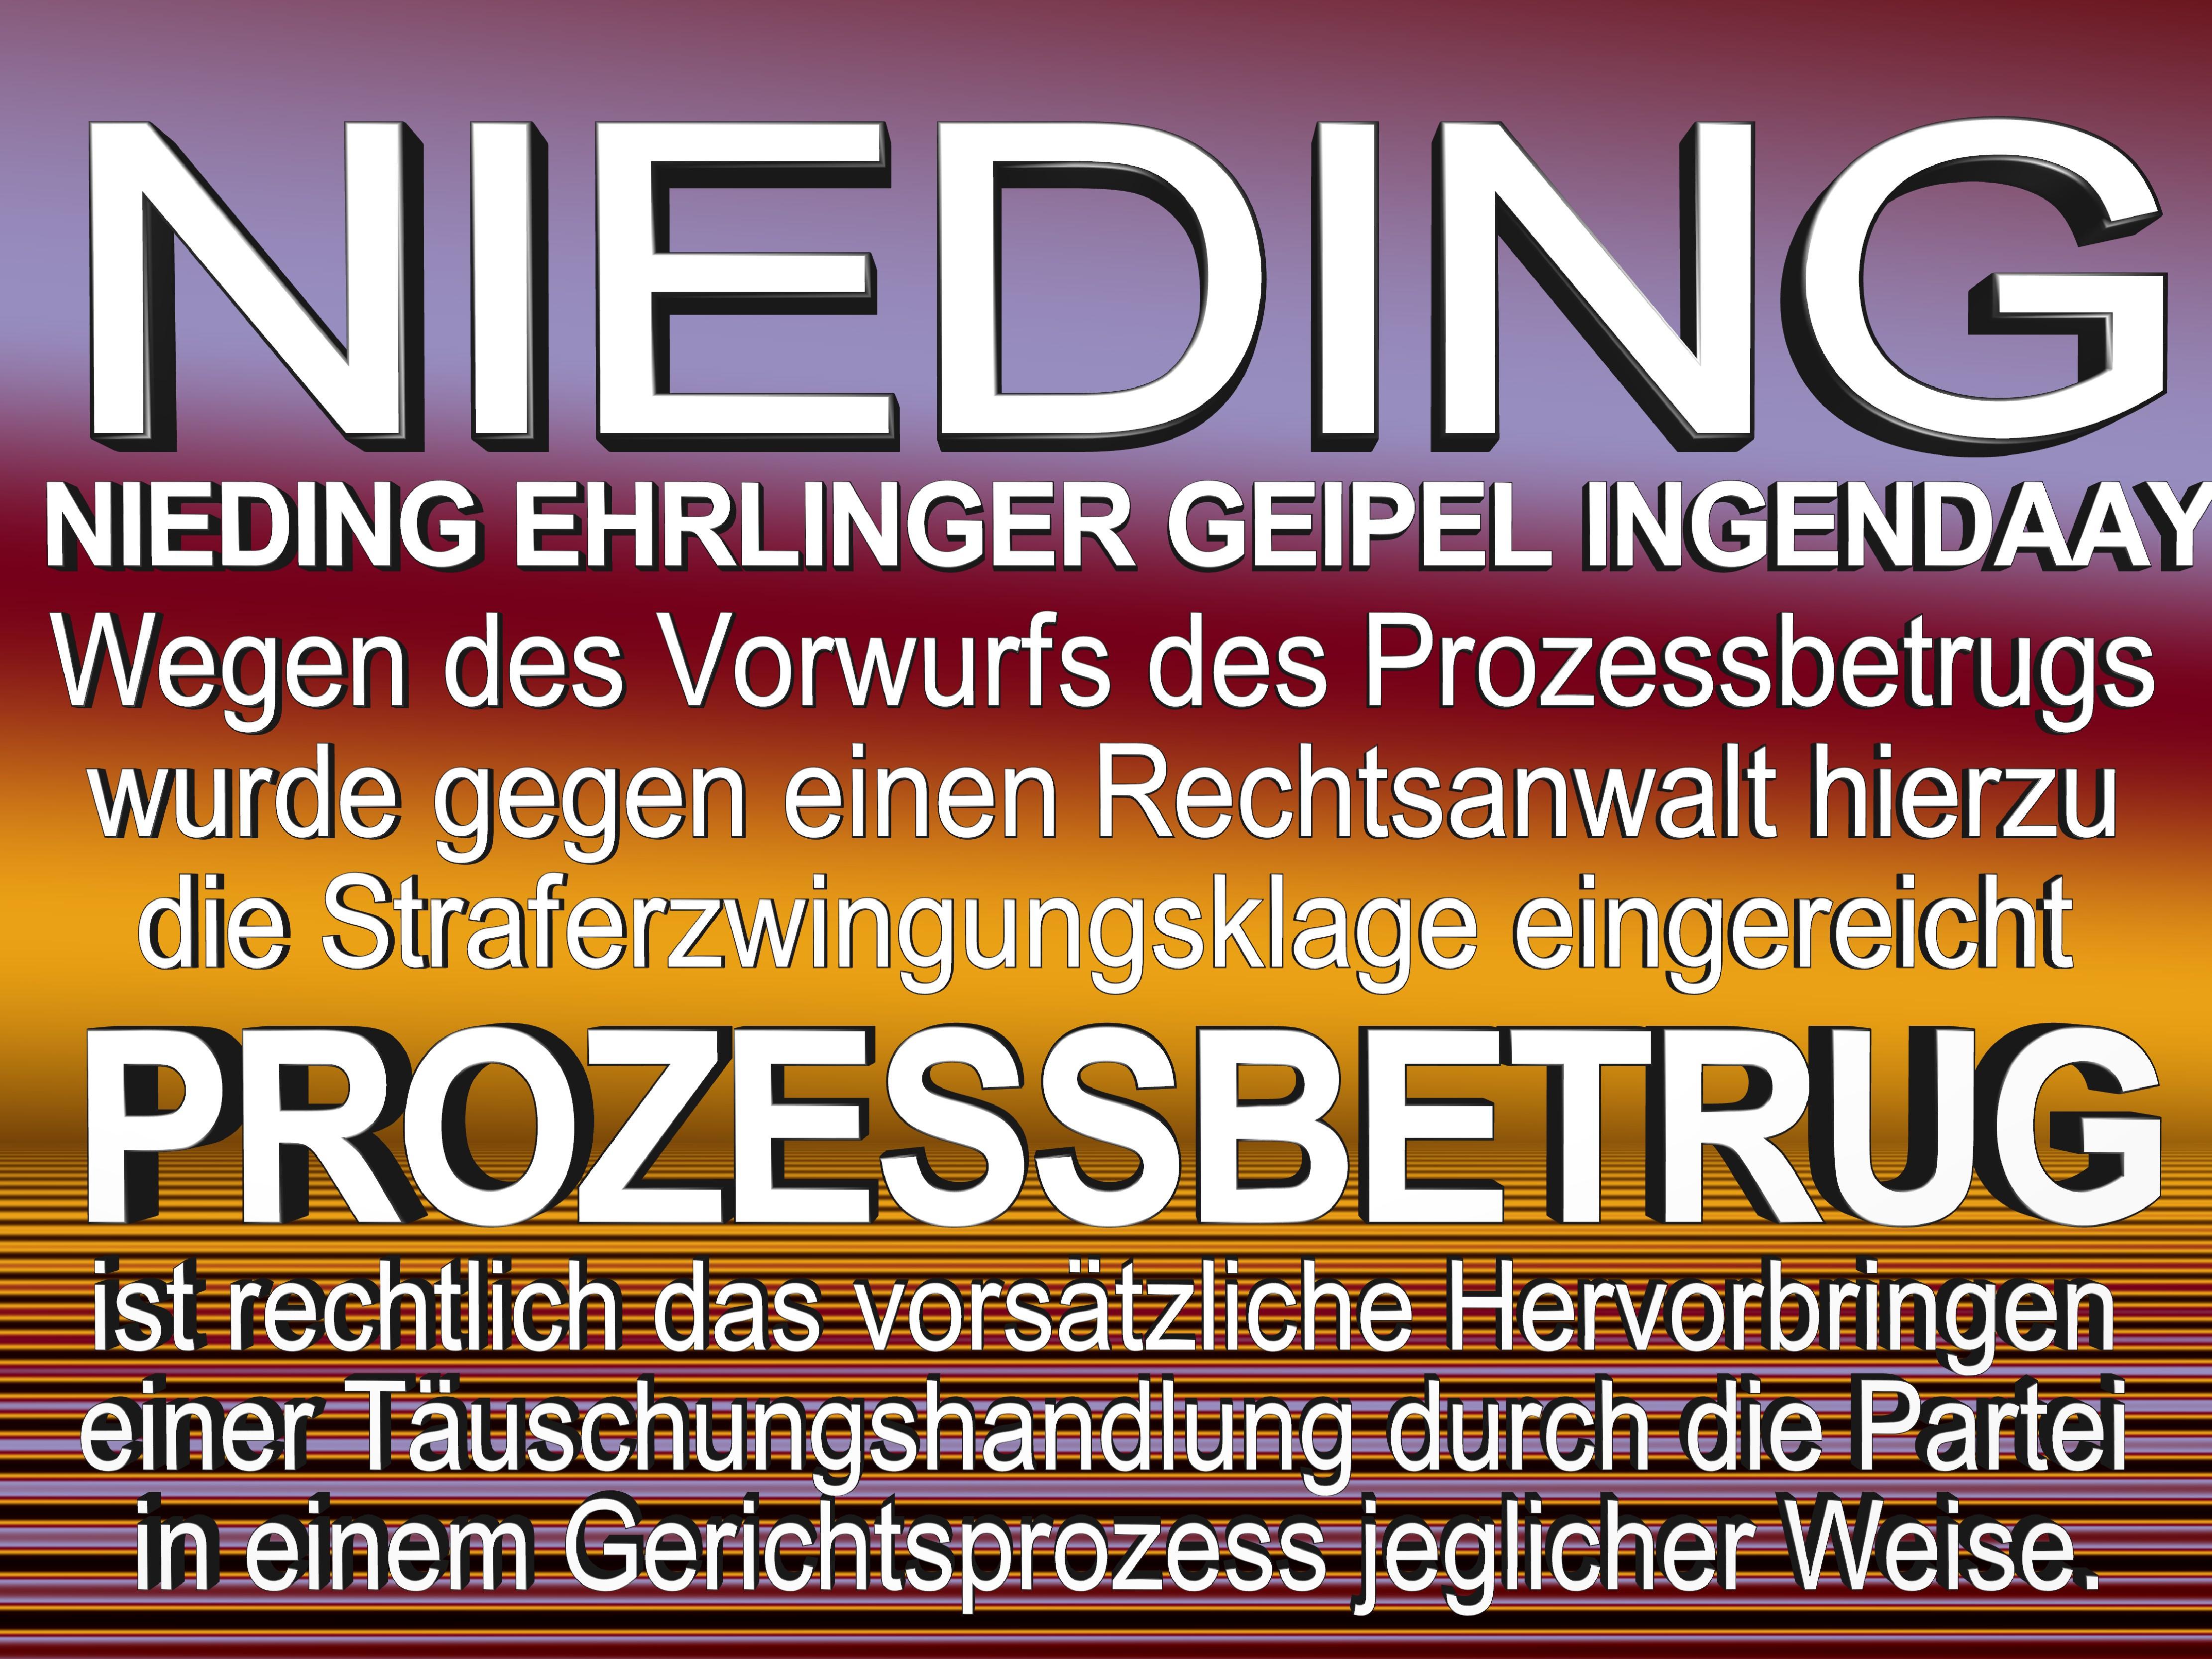 NIEDING EHRLINGER GEIPEL INGENDAAY LELKE Kurfürstendamm 66 Berlin (81)